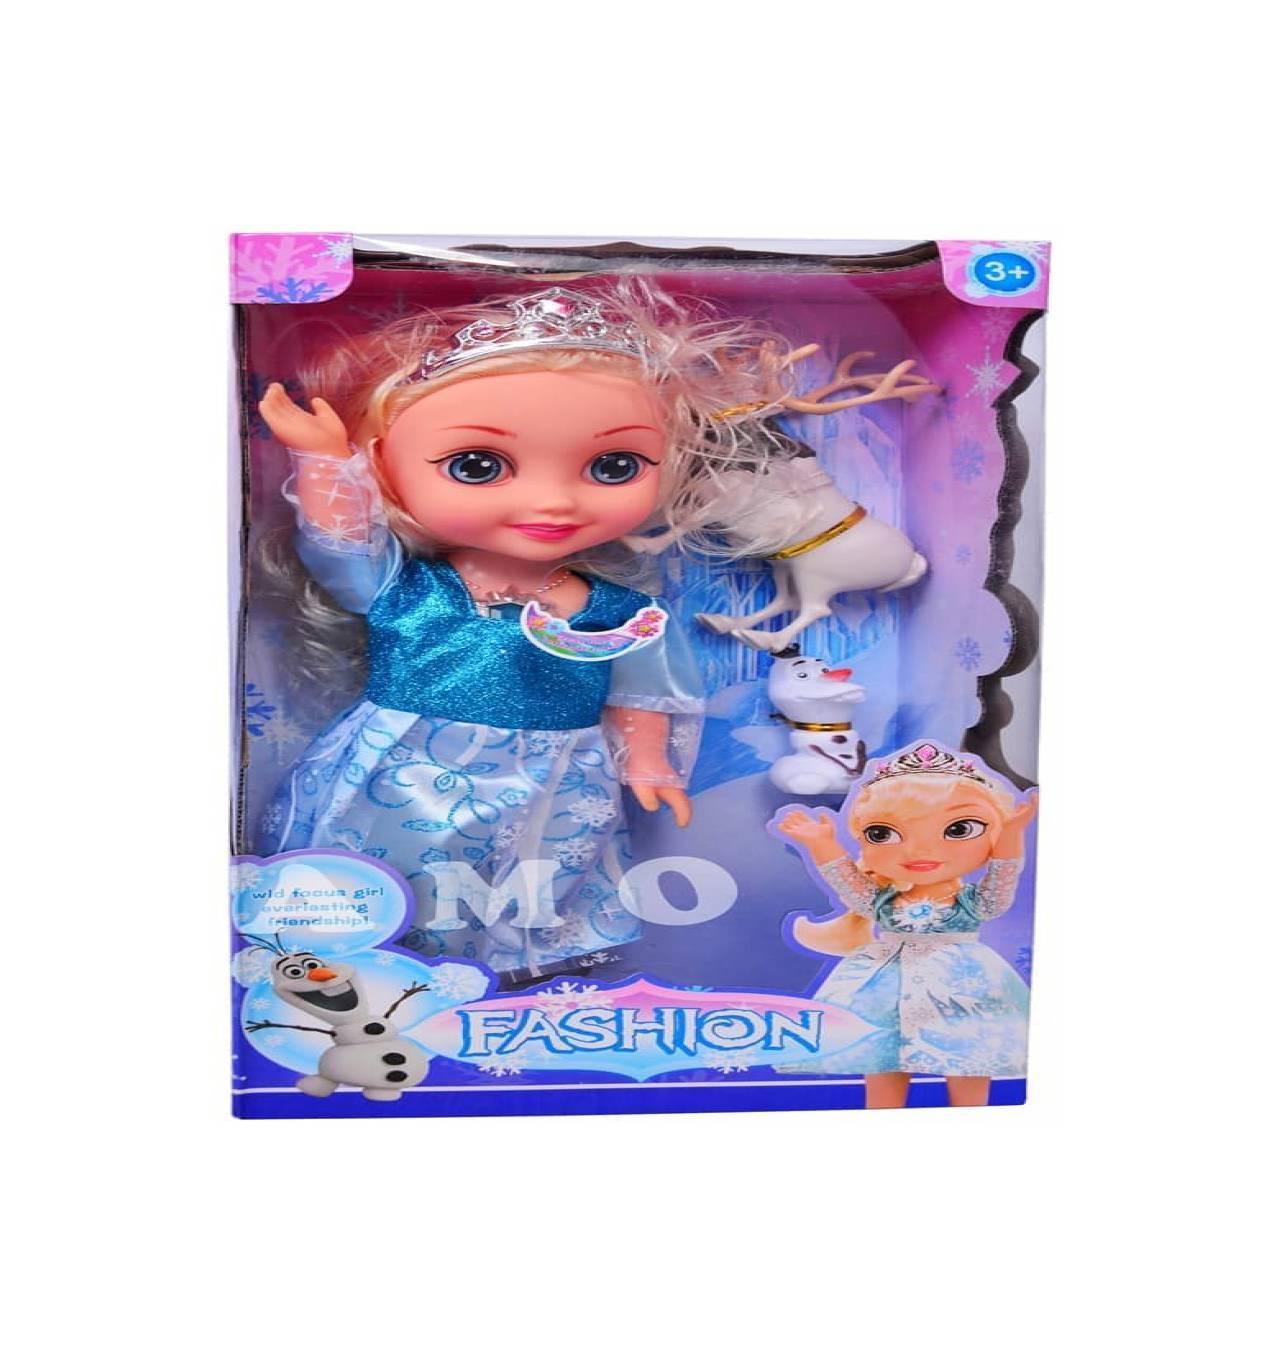 Promo Jual Boneka Elsa Murah Terbaru Termurah Februari 2019 ... e86b4f7e08